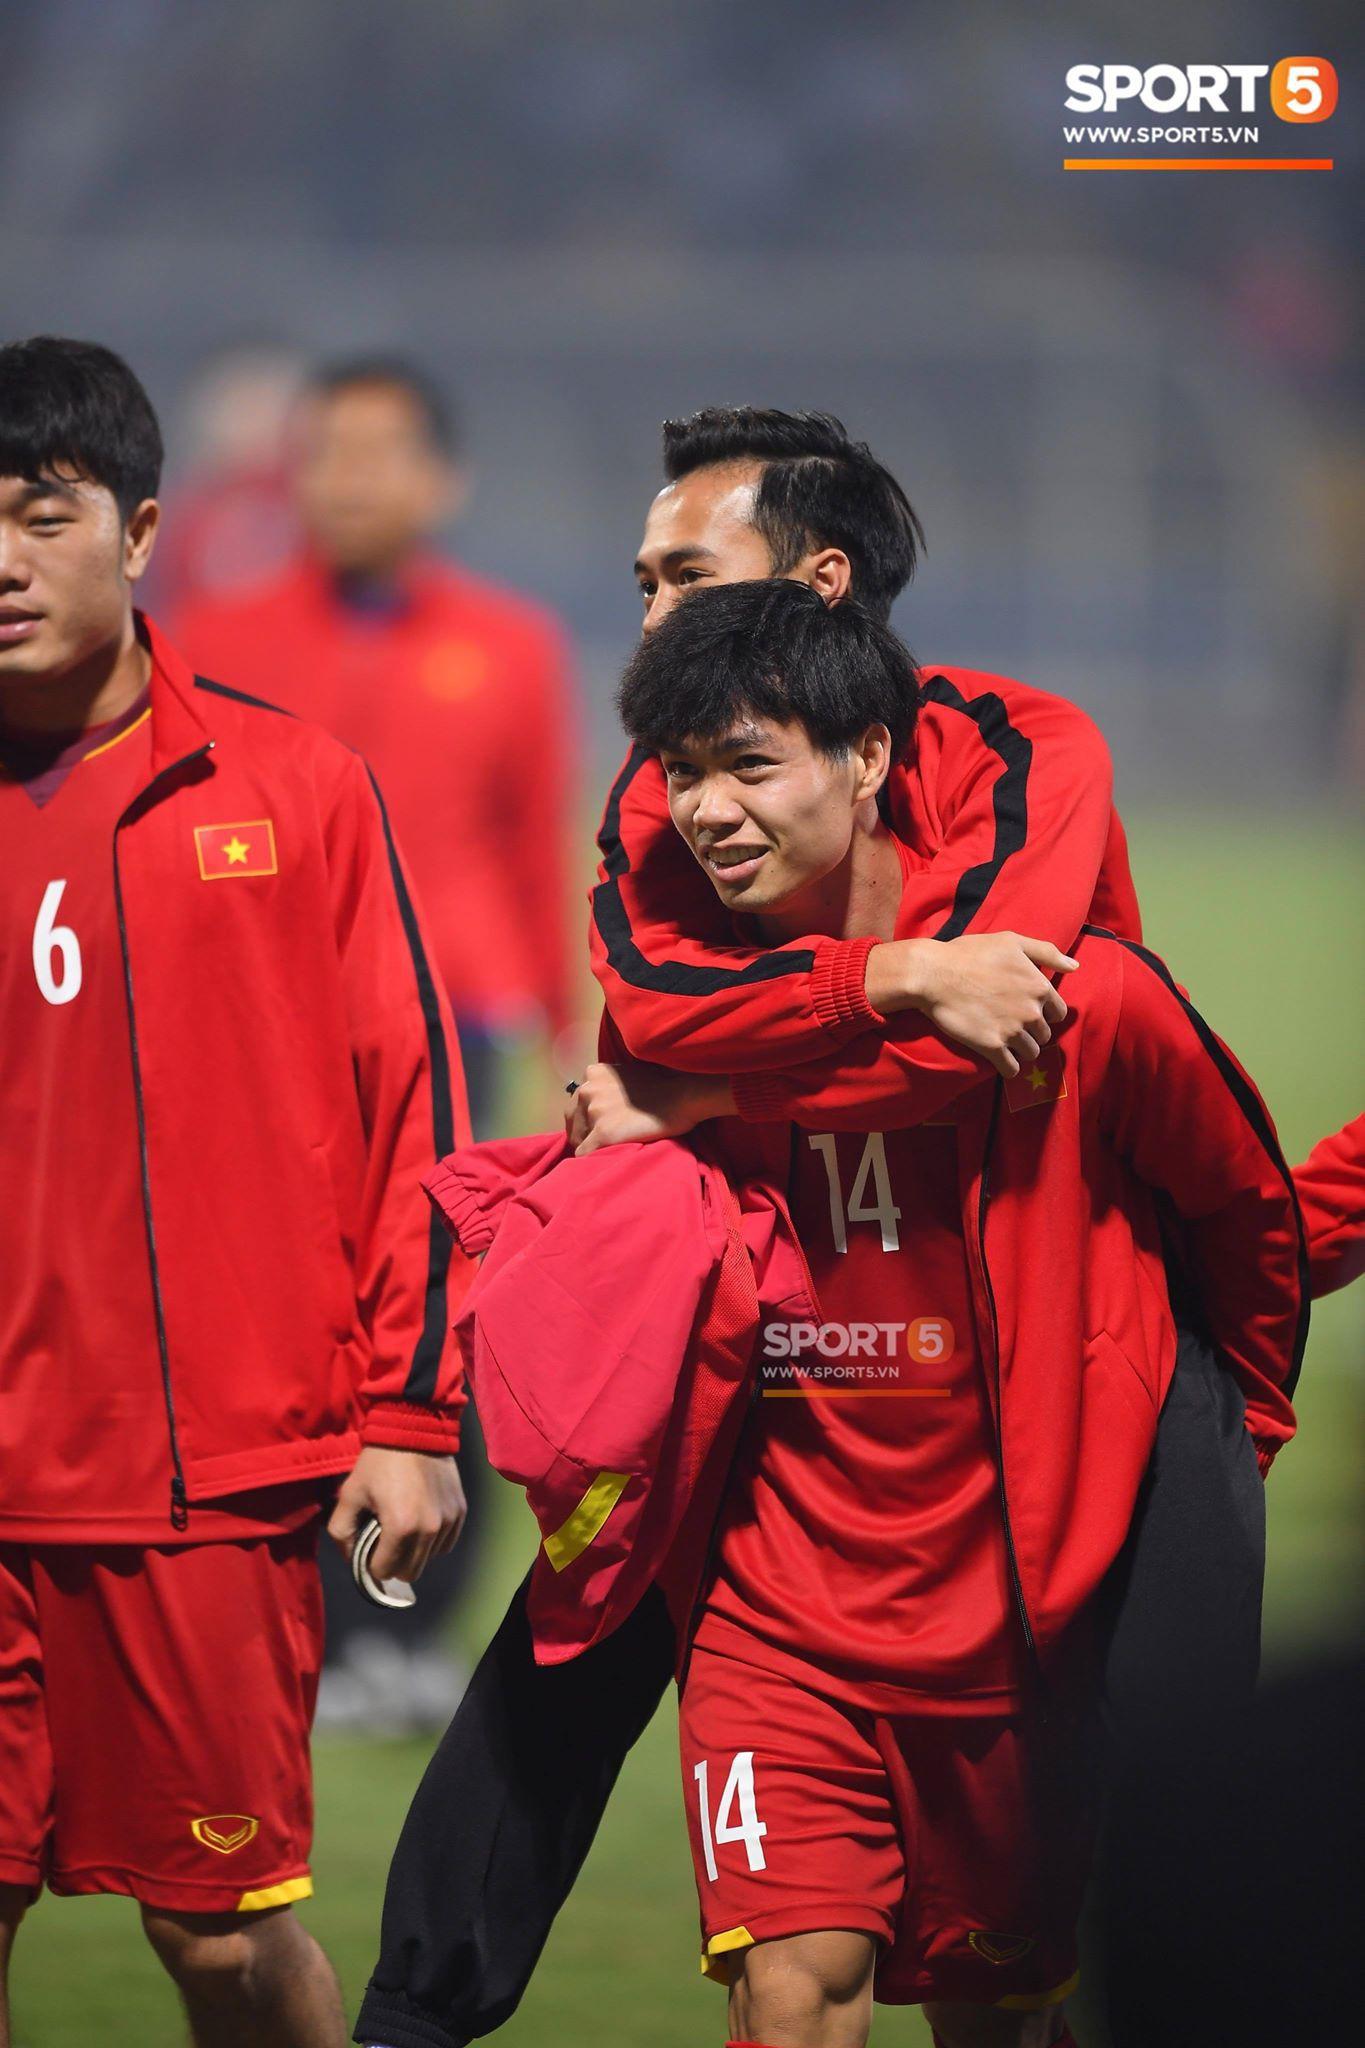 Vừa yêu vừa cảm phục các cầu thủ Việt Nam vì loạt khoảnh khắc giản dị nhưng rất ấm áp - Ảnh 9.